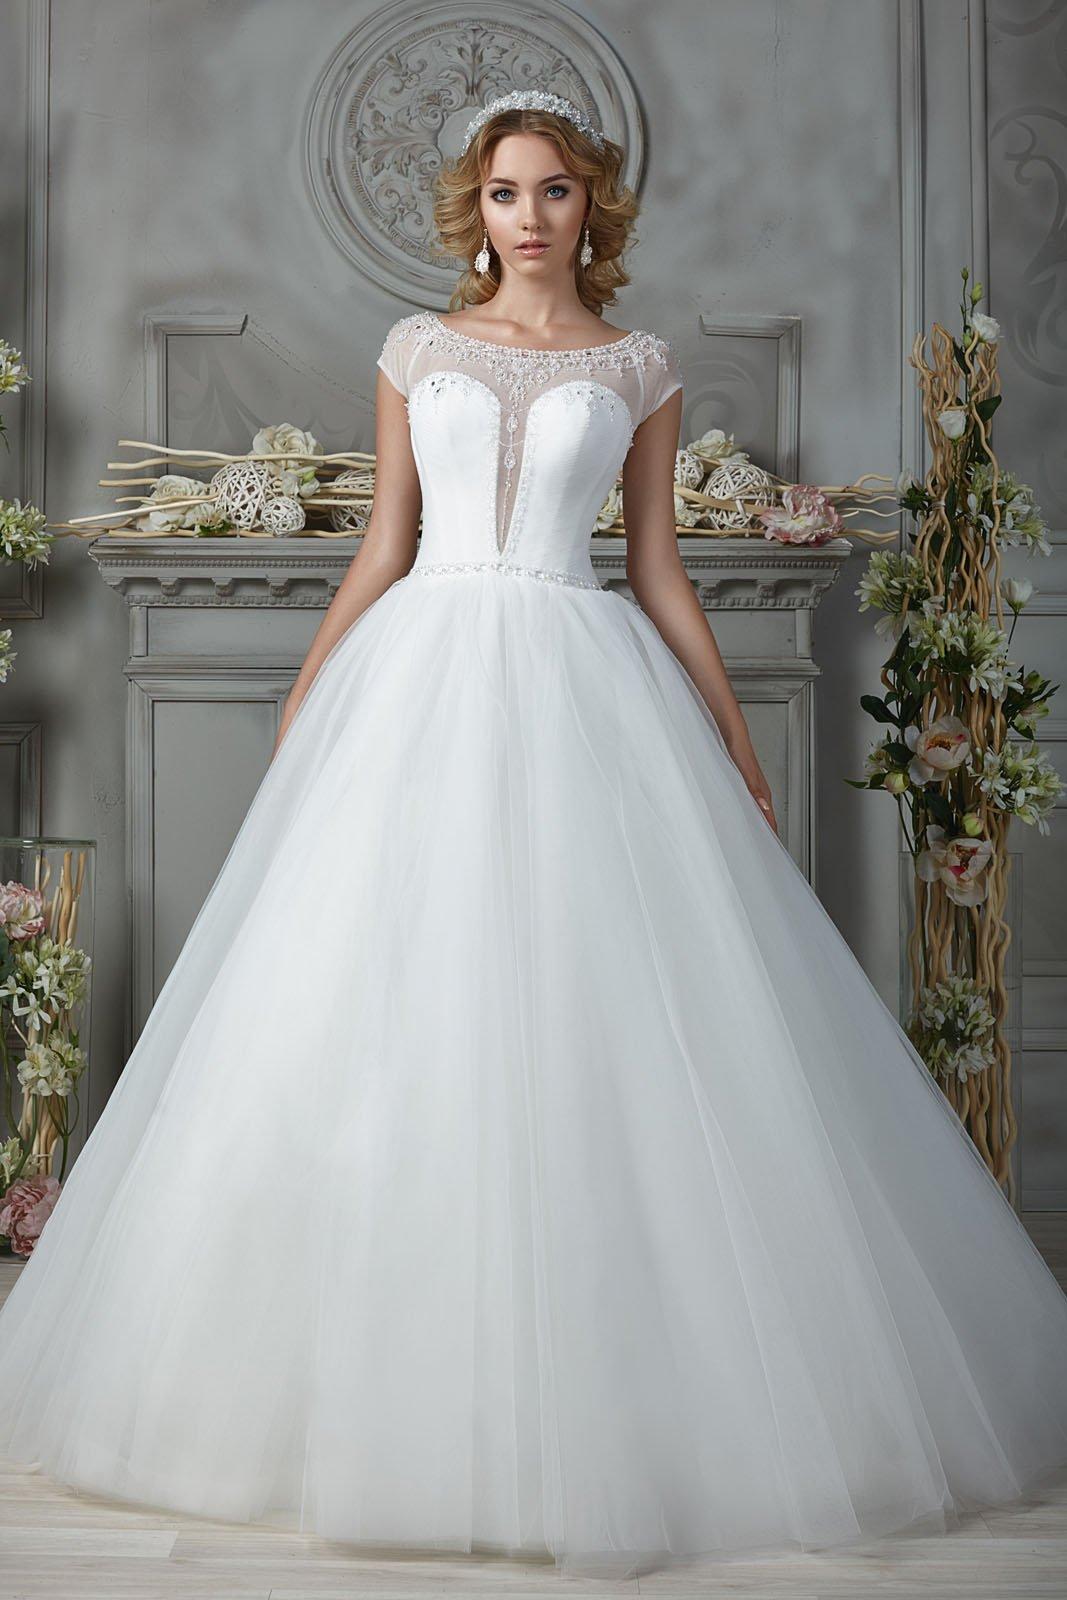 Закрытое свадебное платье с глубоким V-образным вырезом.